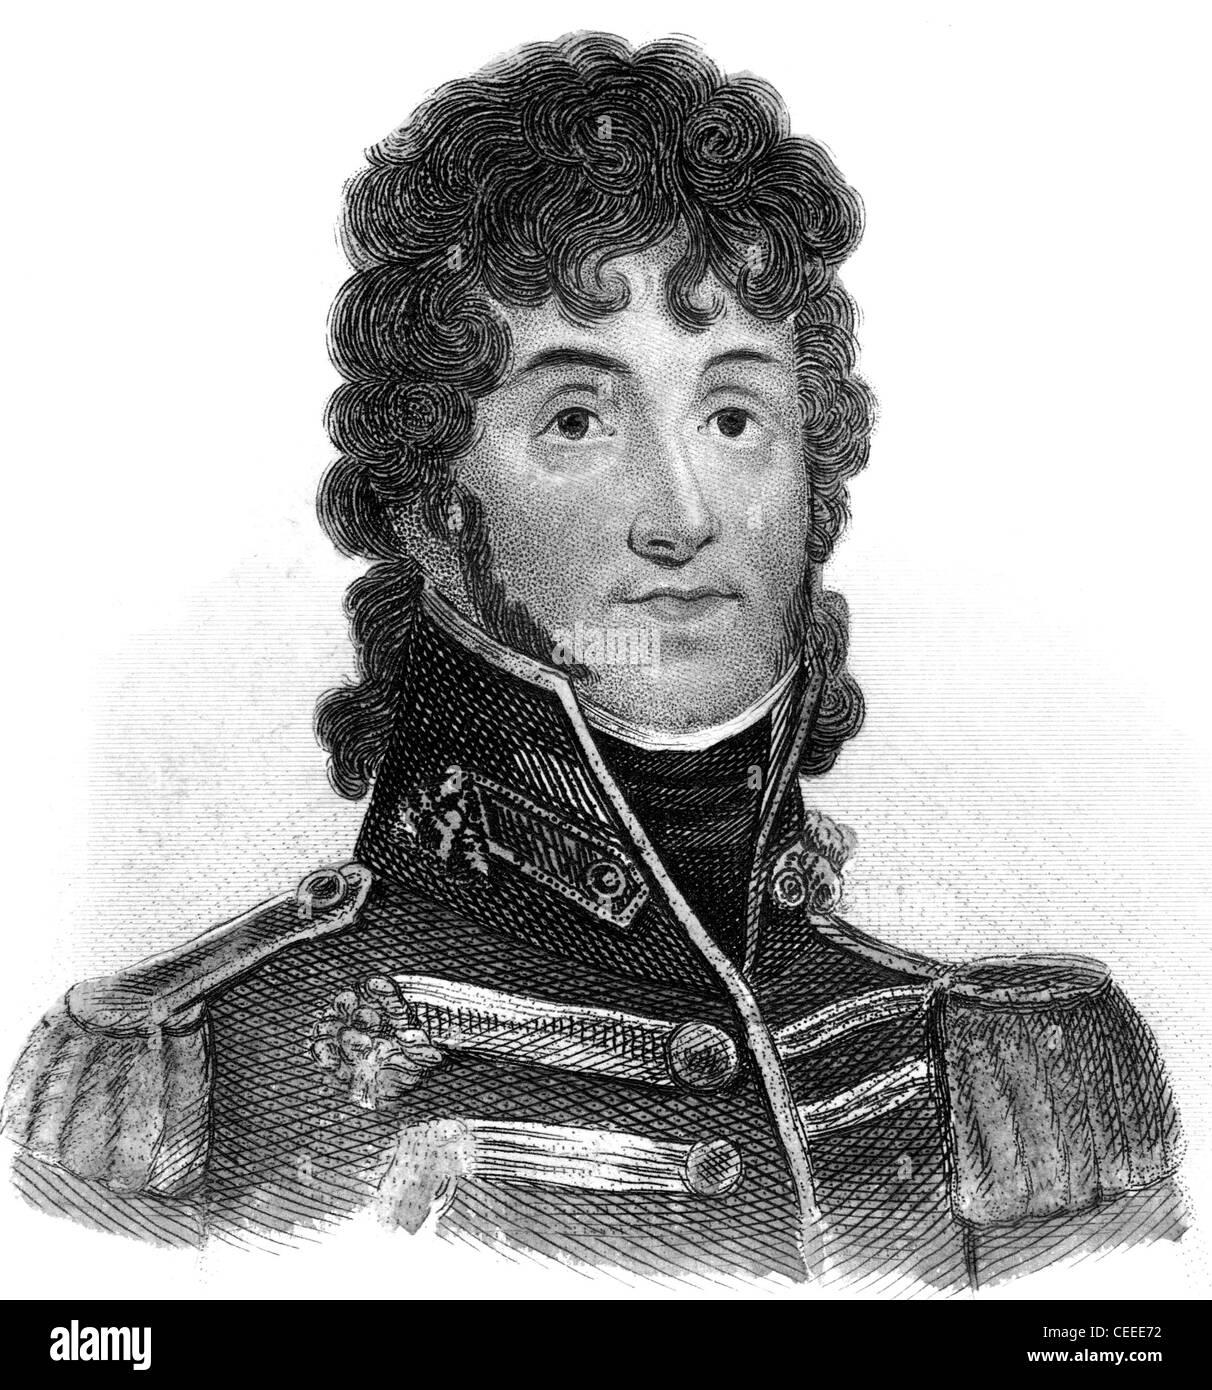 Joachim Murat King of Naples from 1808 - Stock Image